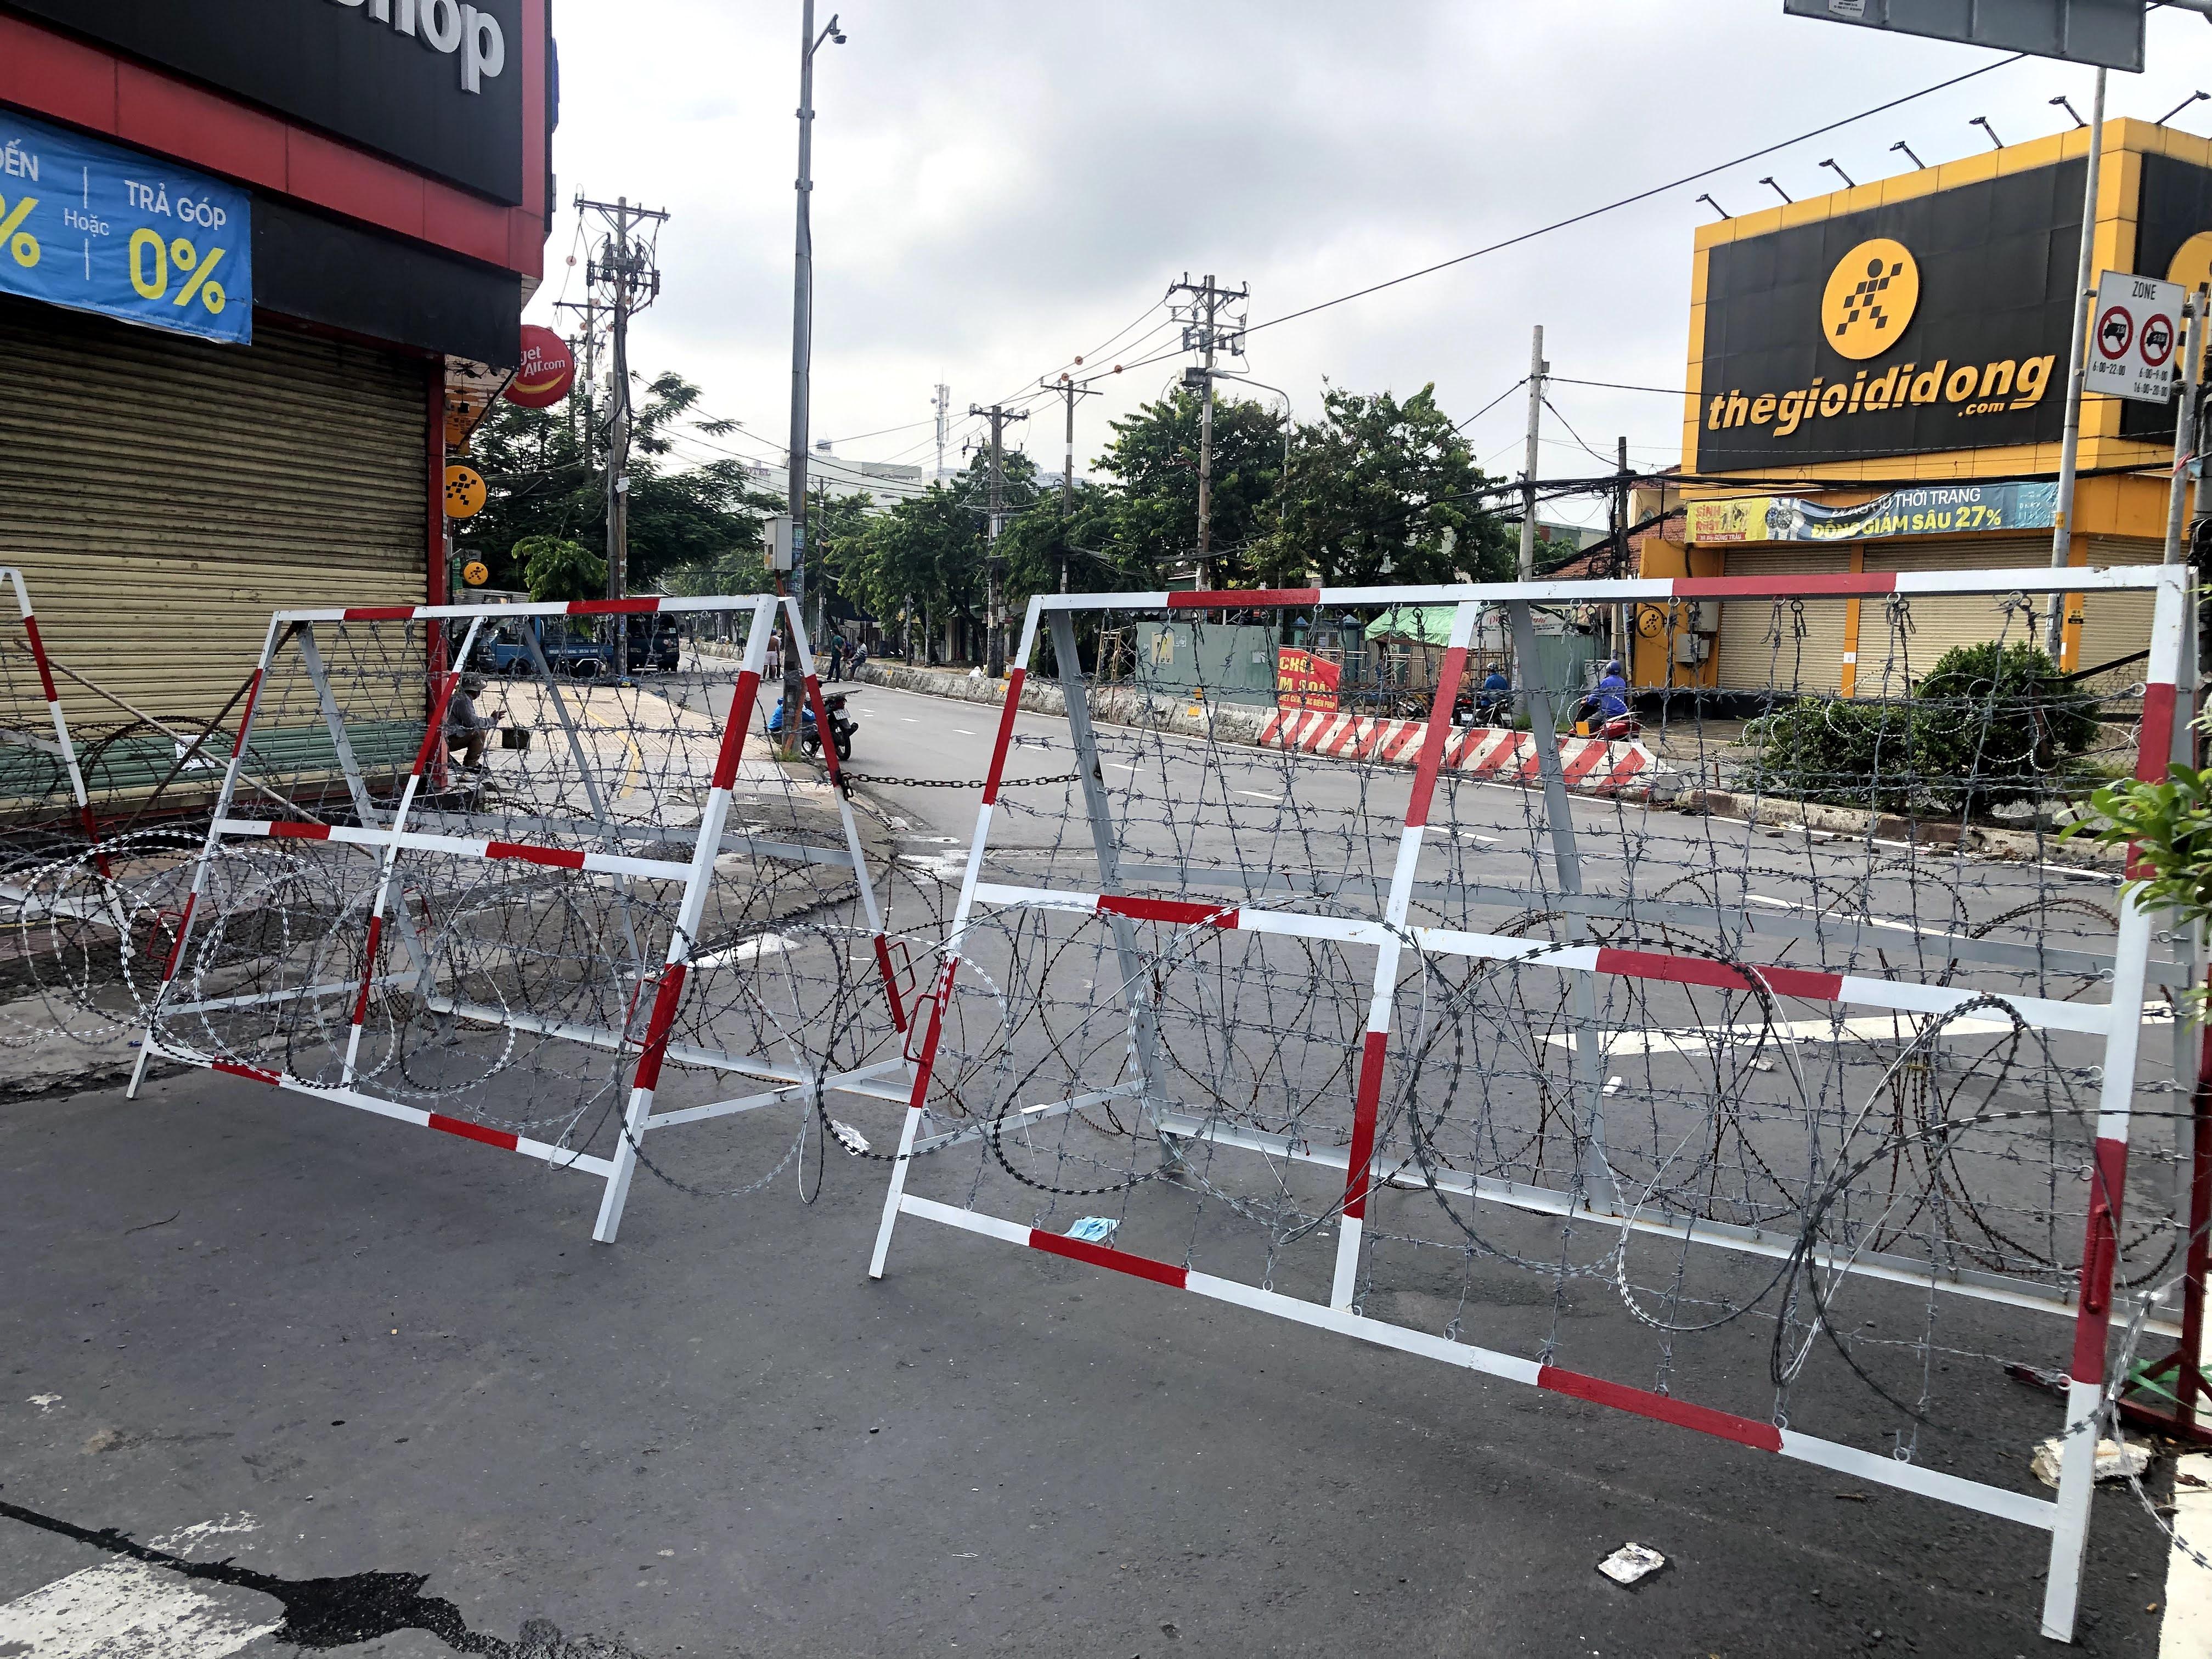 Chốt chặn ở điểm giao đường Phan Văn Hớn (Quận 12) đoạn giao với quốc lộ 1A bằng rào thép. Đây là tuyến đường huyết mạch ở cửa ngõ phía Tây Nam thành phố. Bình thường luôn ùn tắc kẹt xe nhưng hiện các phương tiện không được phép di chuyển.